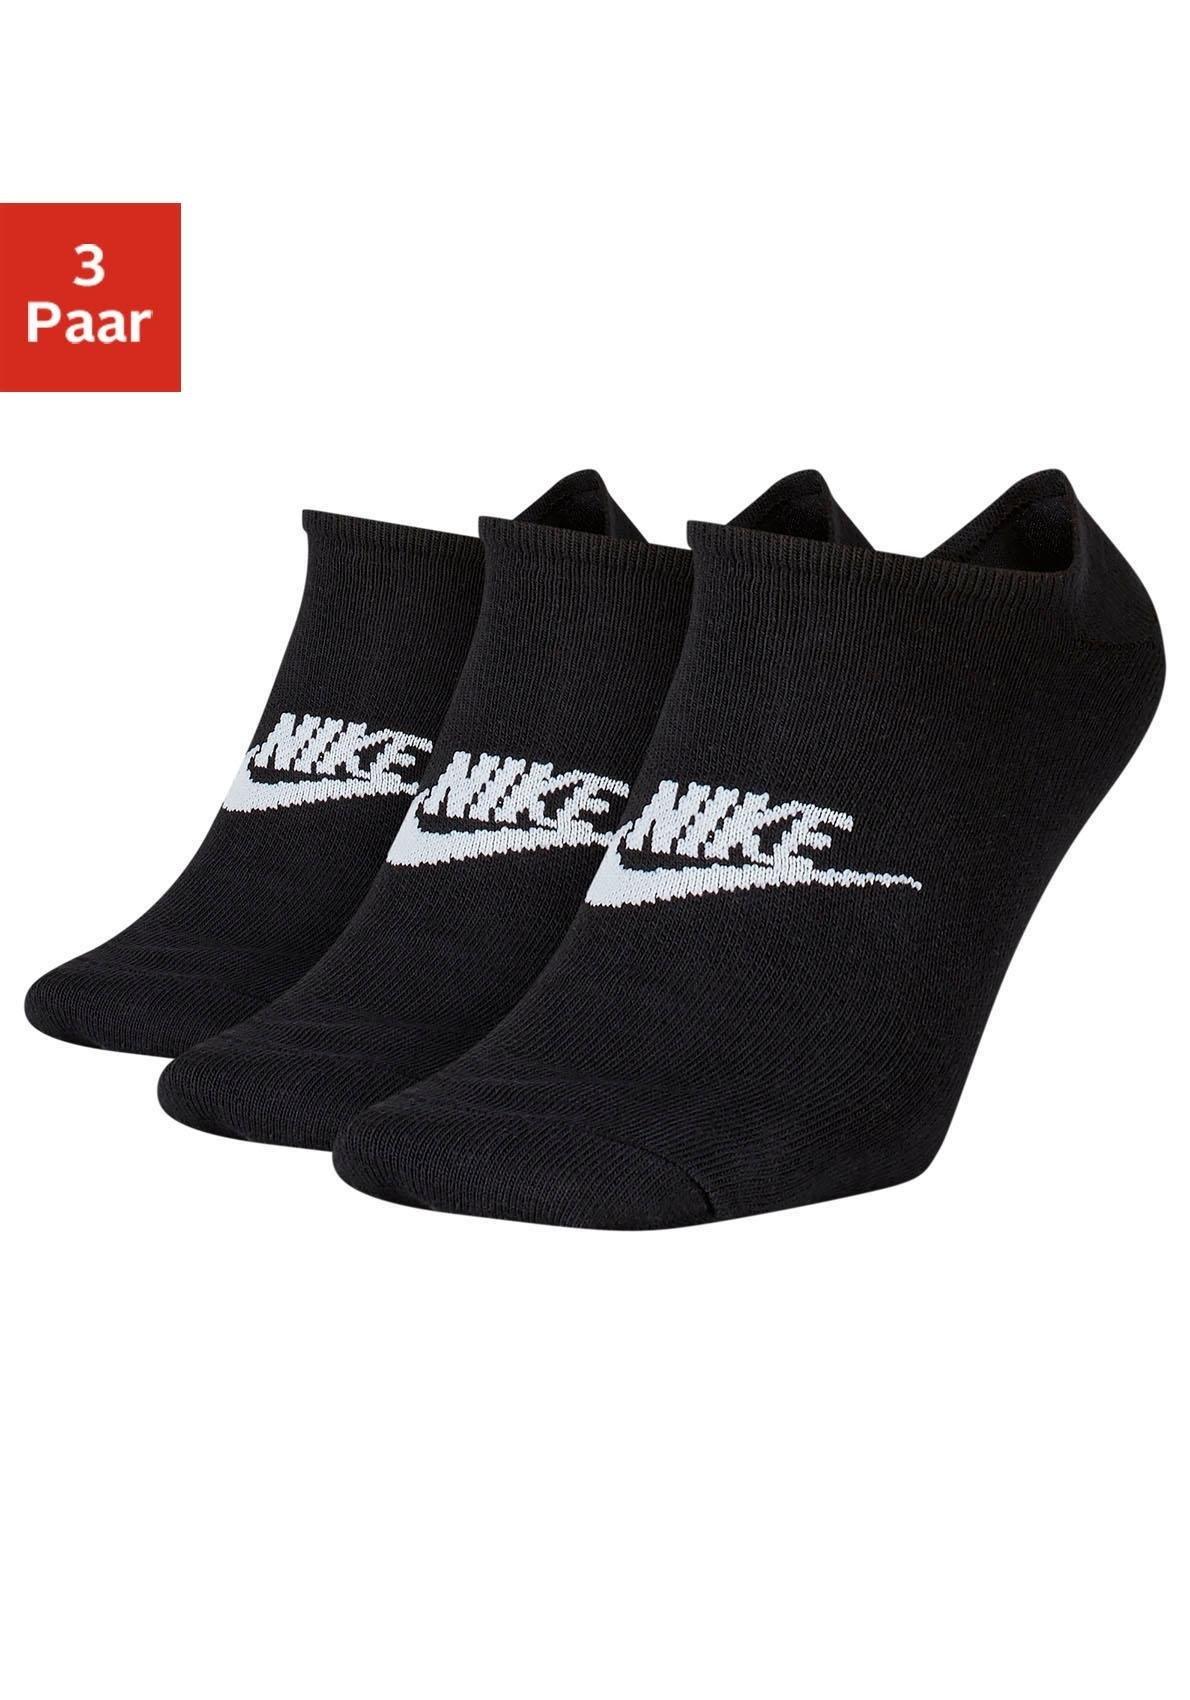 Nike Anklets, set van 3 paar in de webshop van Lascana kopen